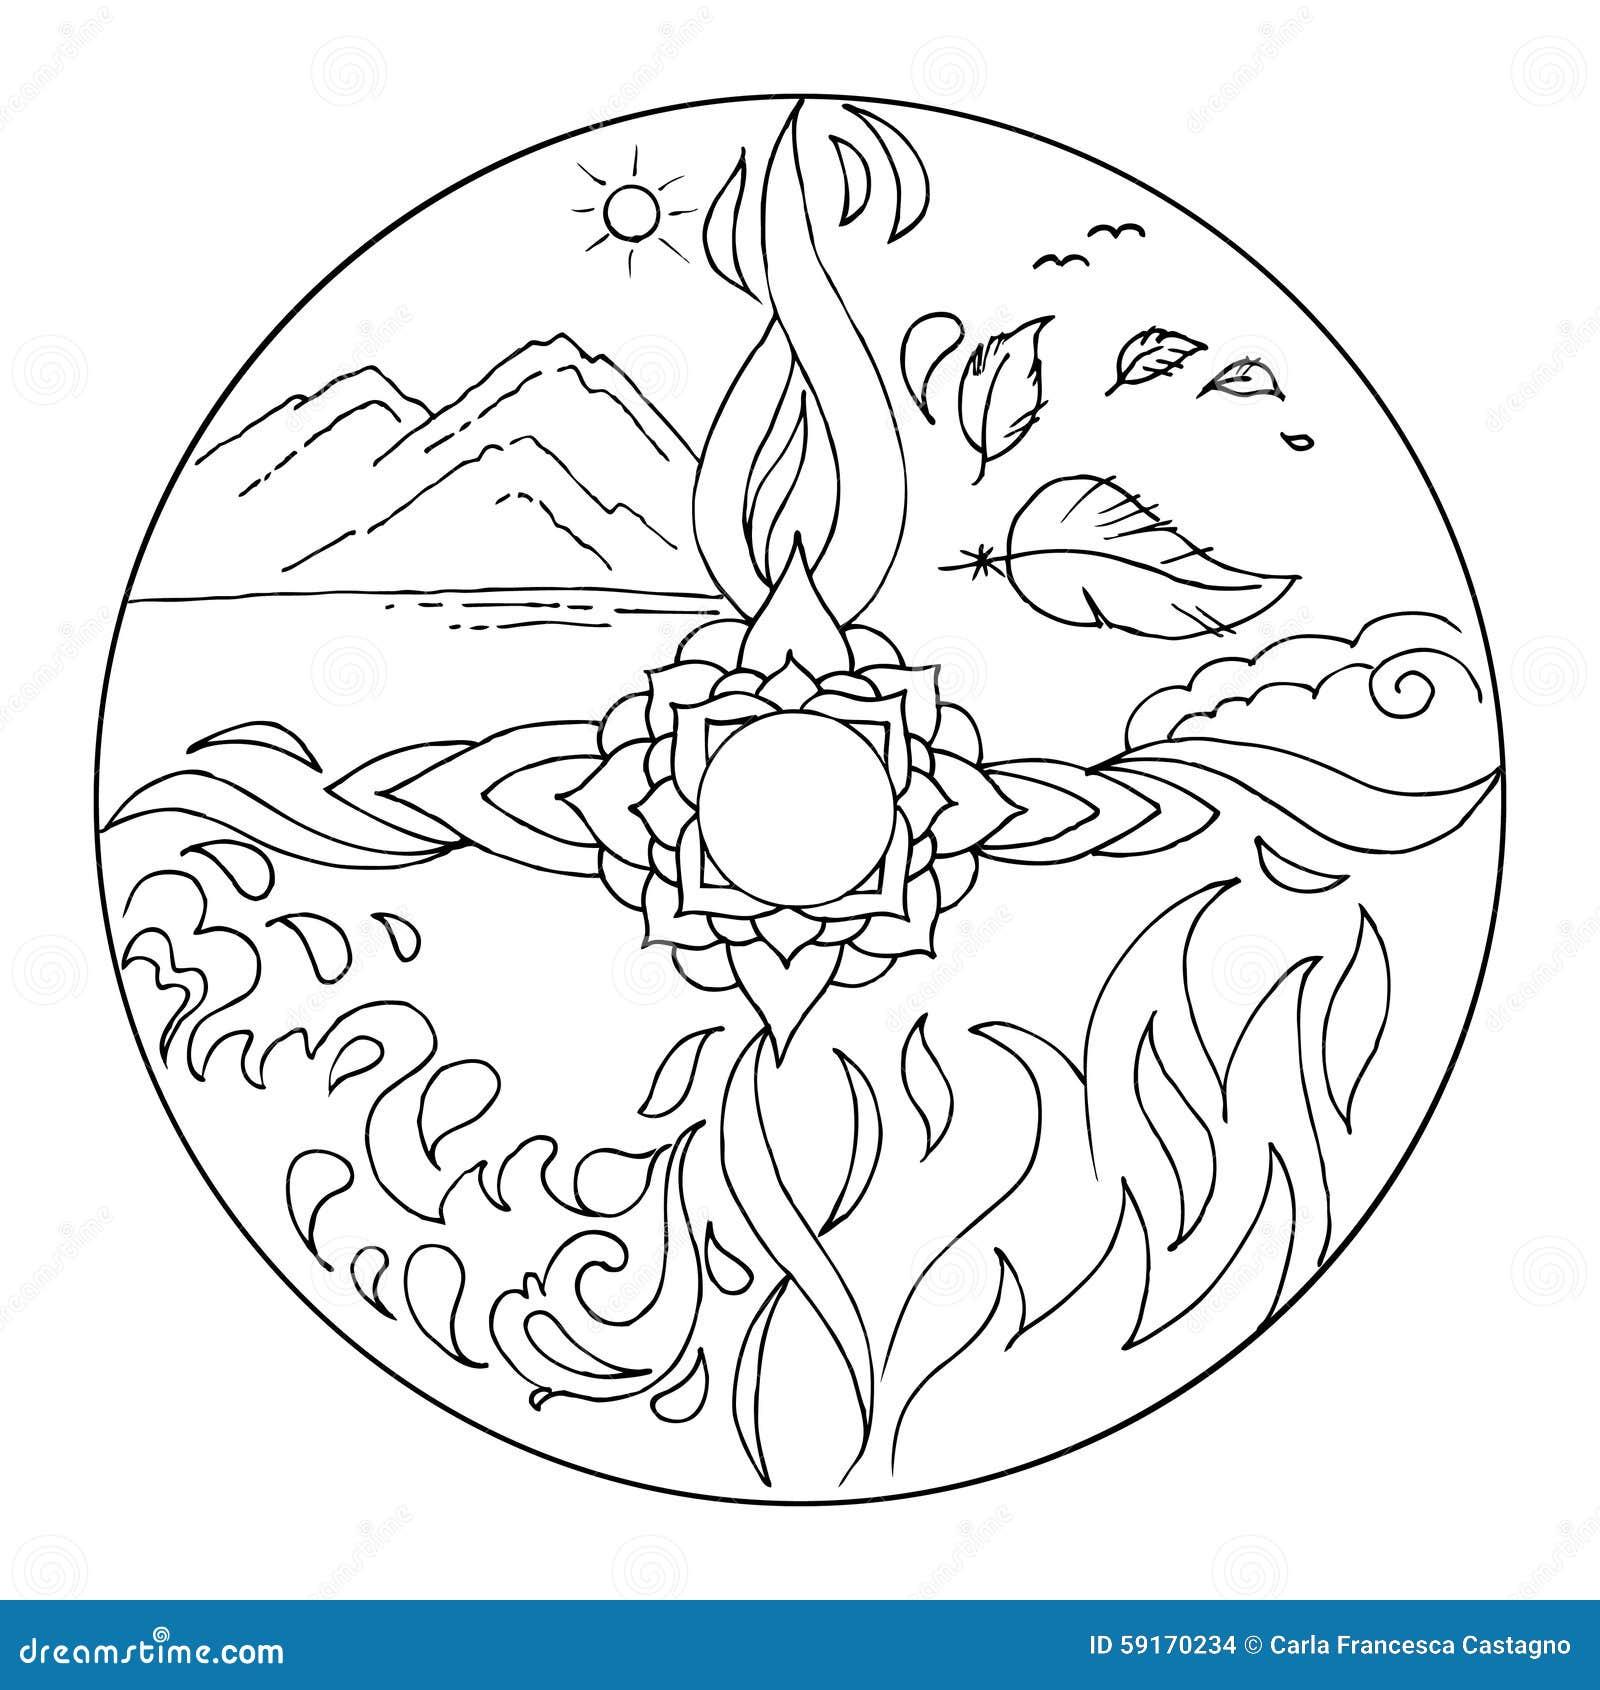 Colorear 4 Elementos Mandala Diksha Ilustración del Vector ...